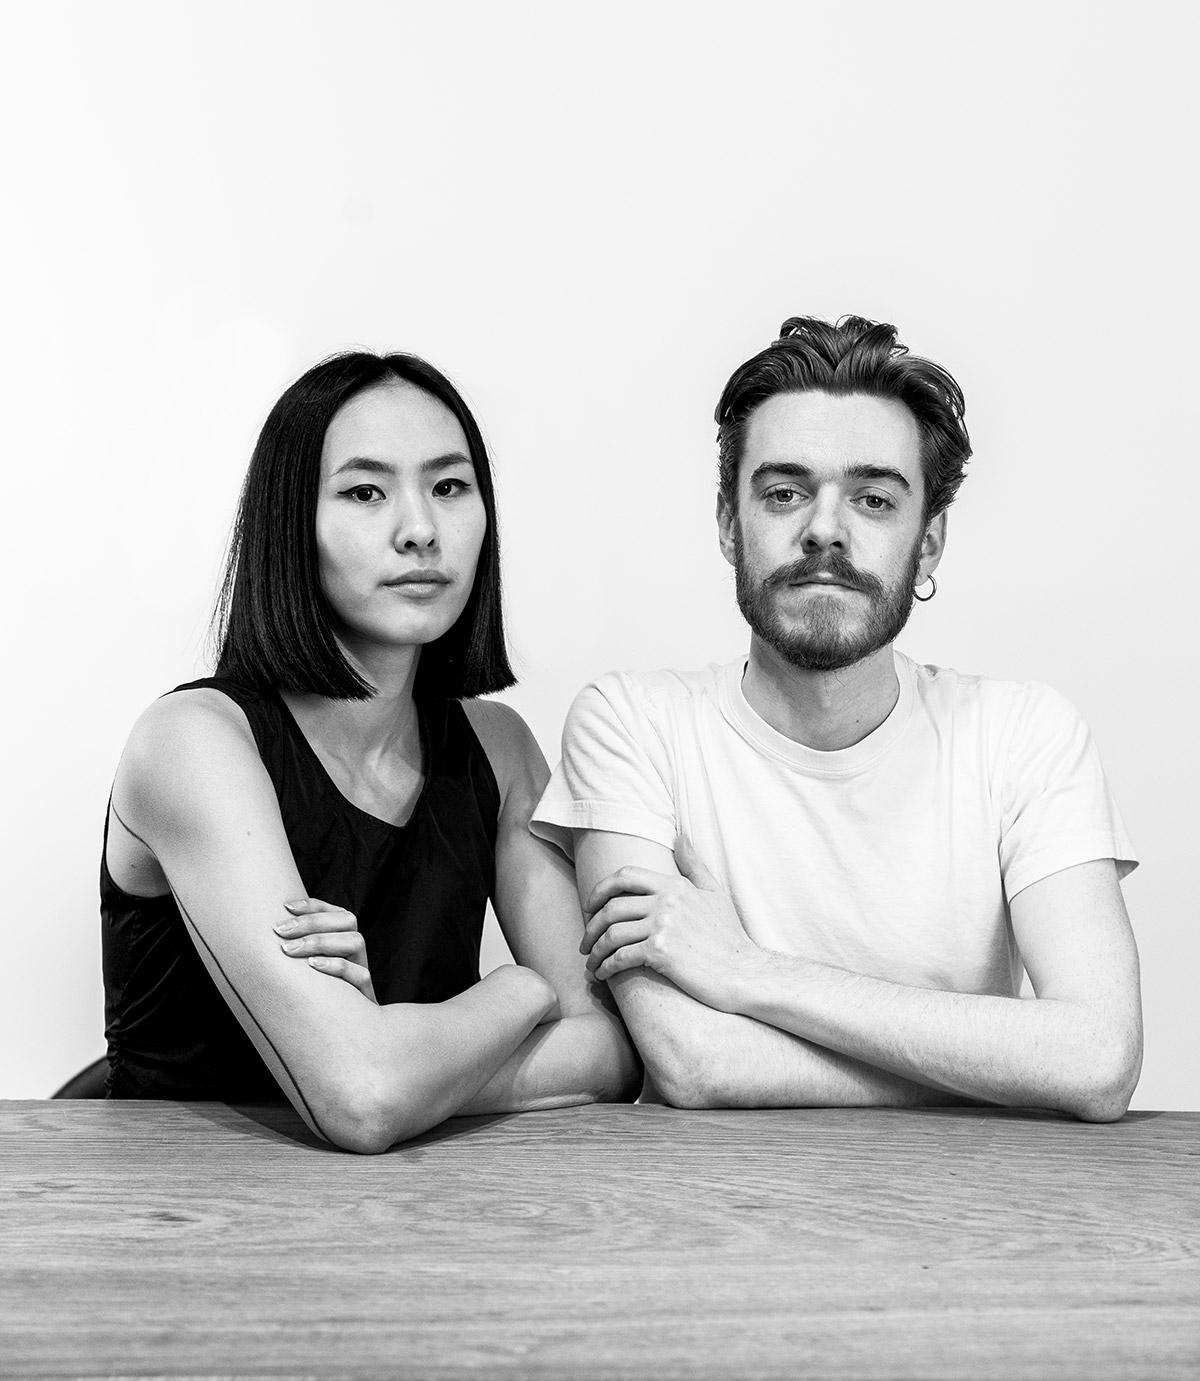 wed-studio-interview-portrait